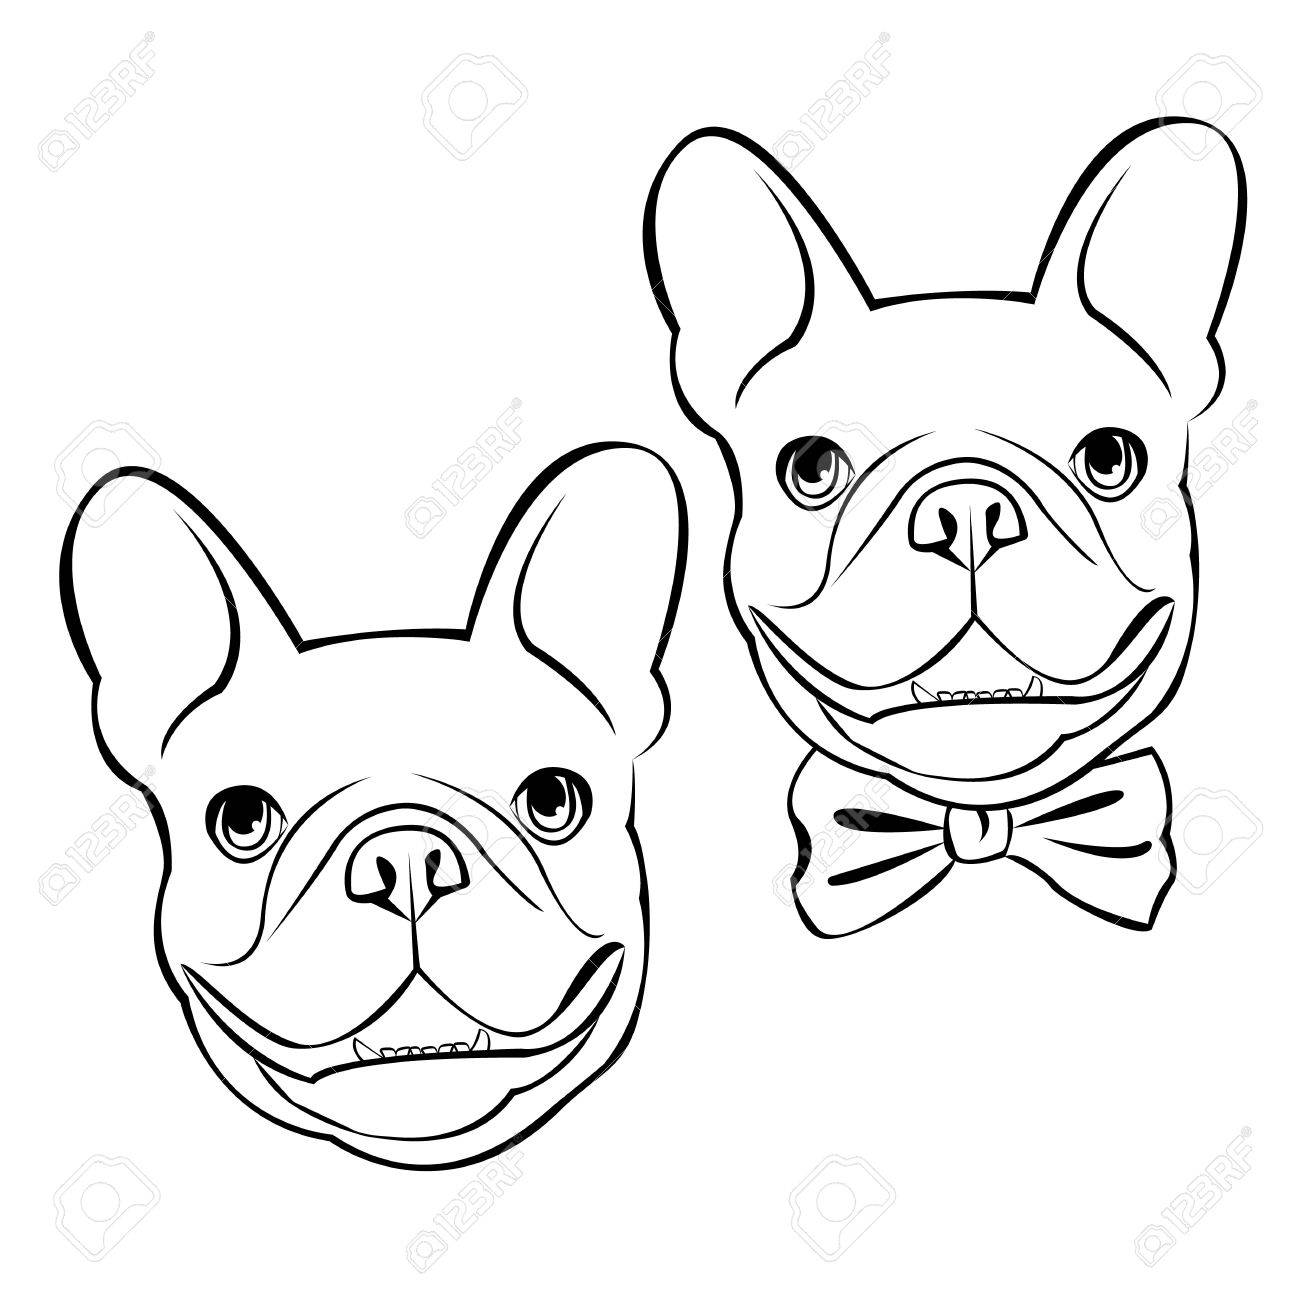 1300x1300 Bulldog, Dog, Animal, French, Vector, Illustration, Pet, Breed